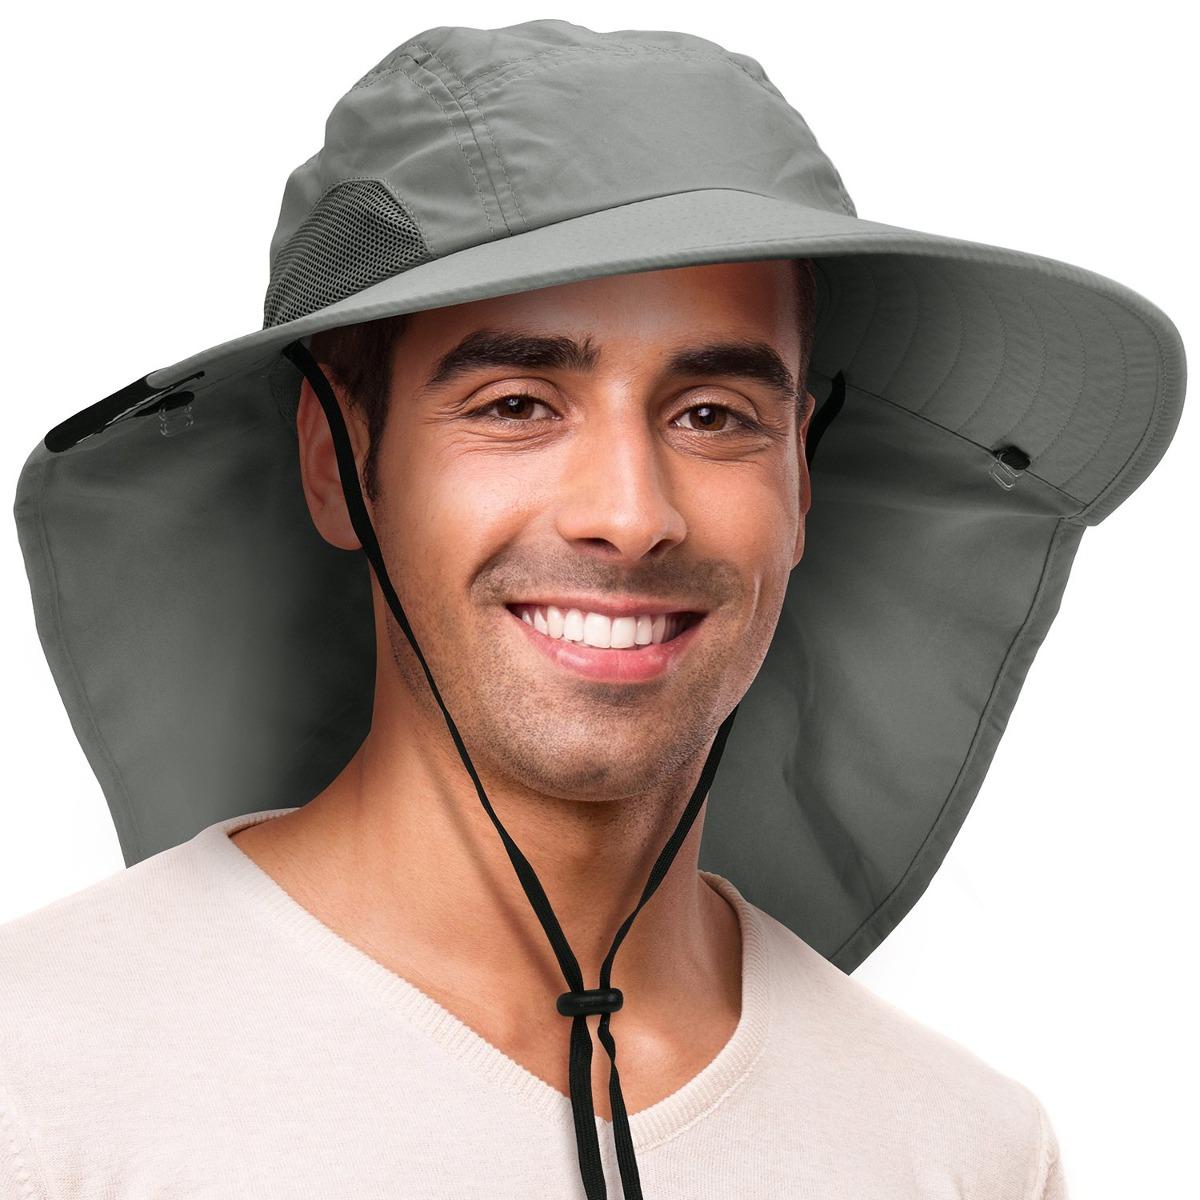 Sombrero De Pesca Al Aire Libre De Solaris Con Cubierta D - S  215 ... a3b3afcdb52